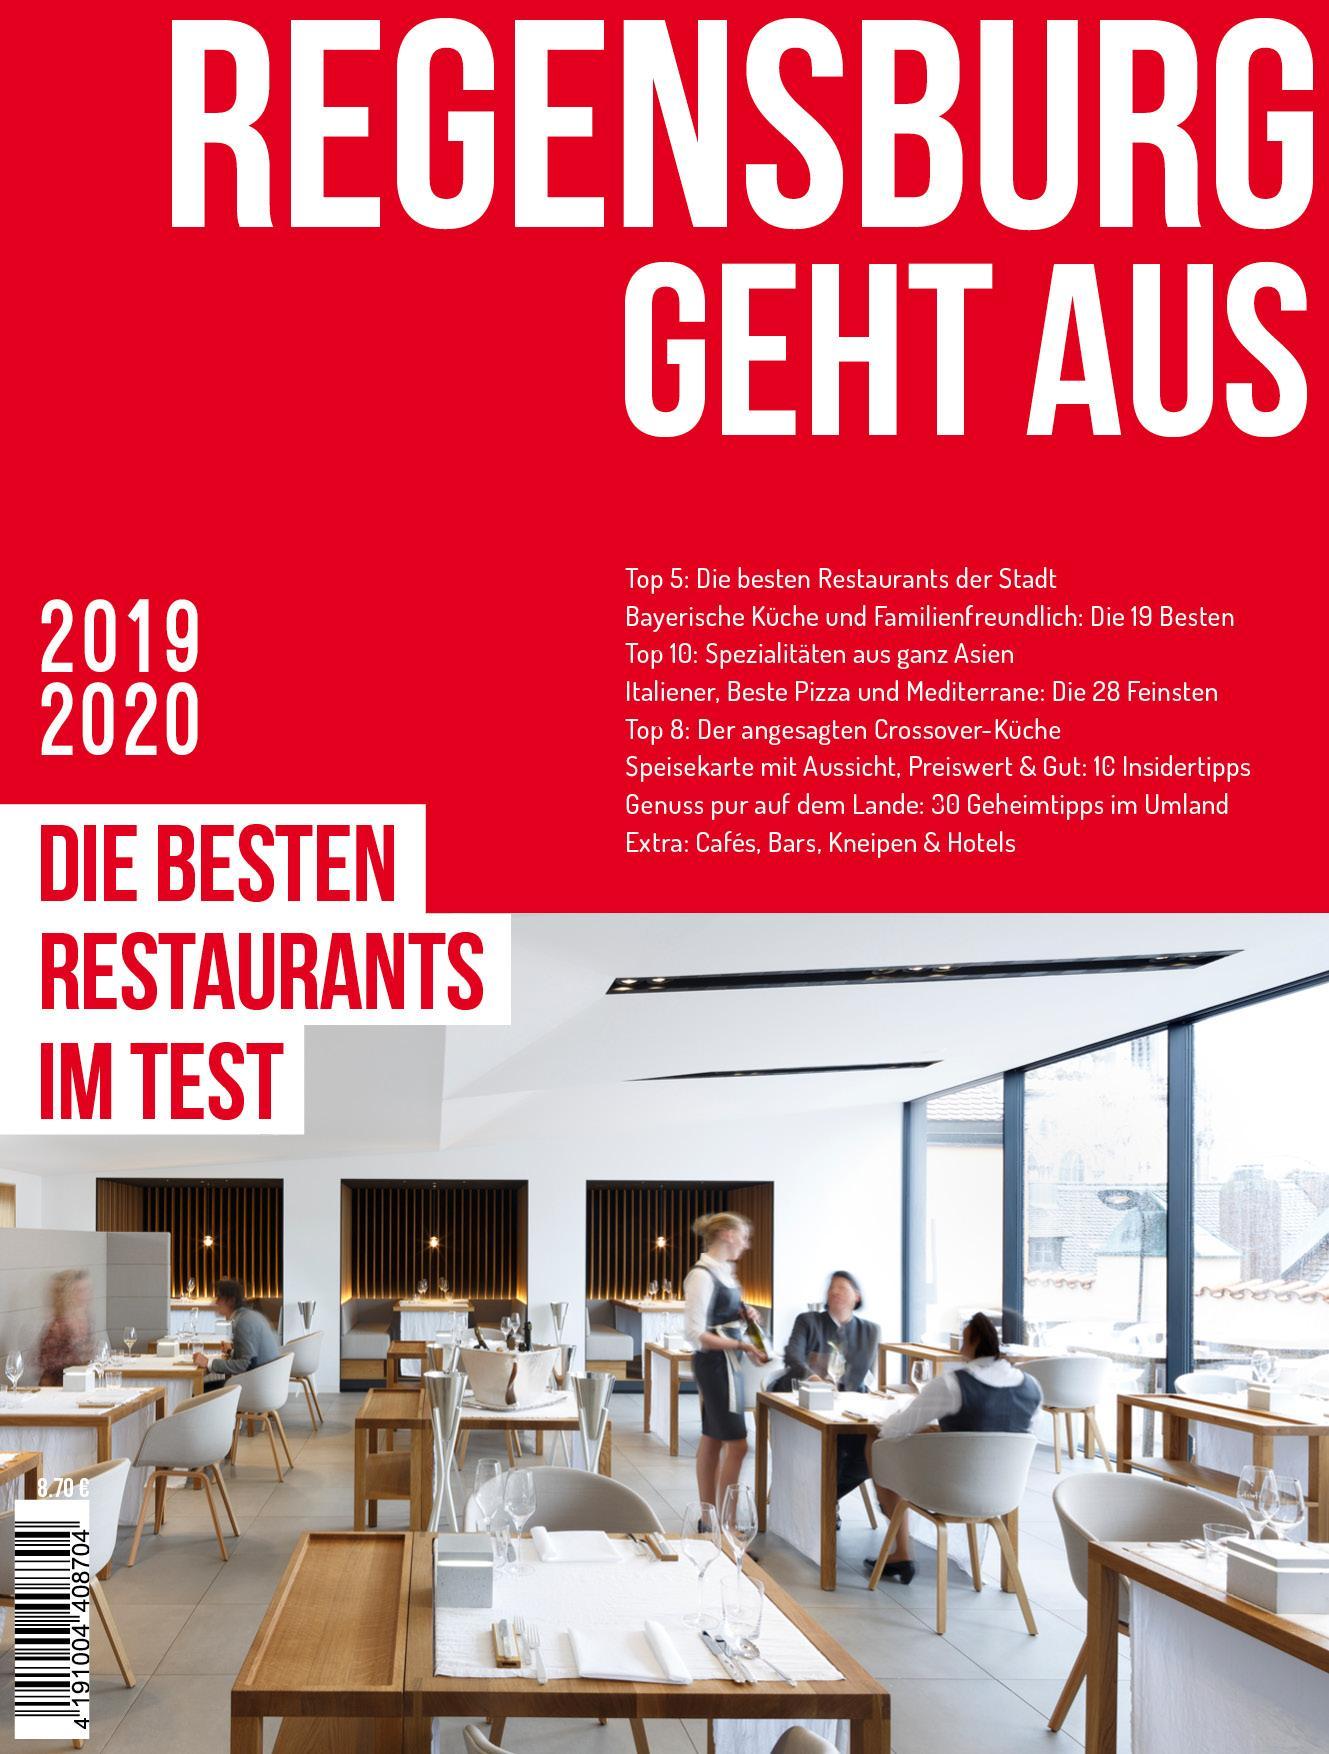 Home  Regensburg geht aus - Restaurantführer!